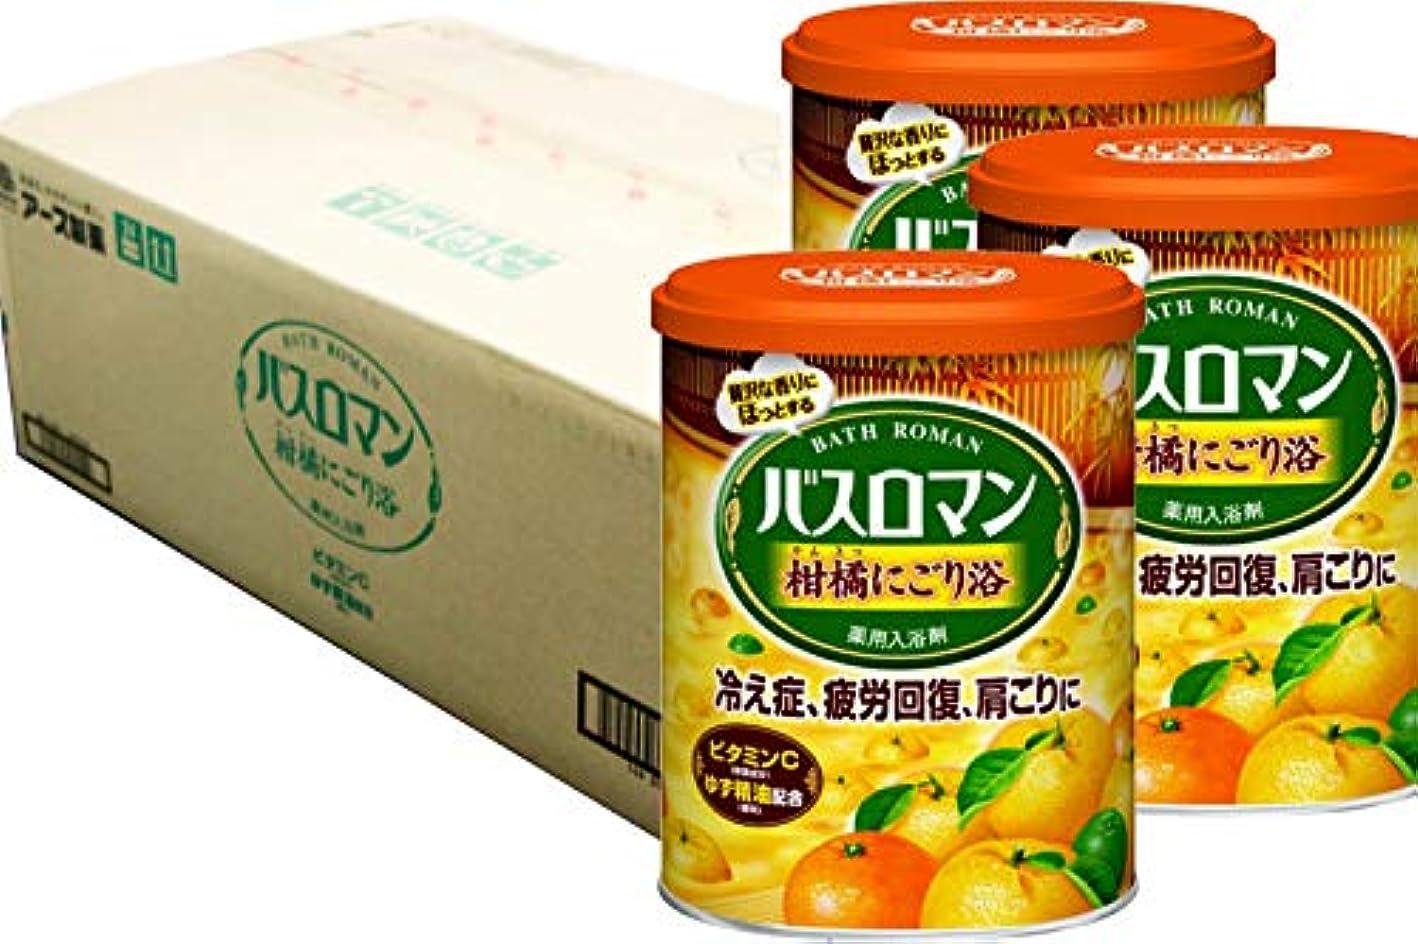 ケープ安全なありそうバスロマン 柑橘にごり浴 (1ケース(12個入))